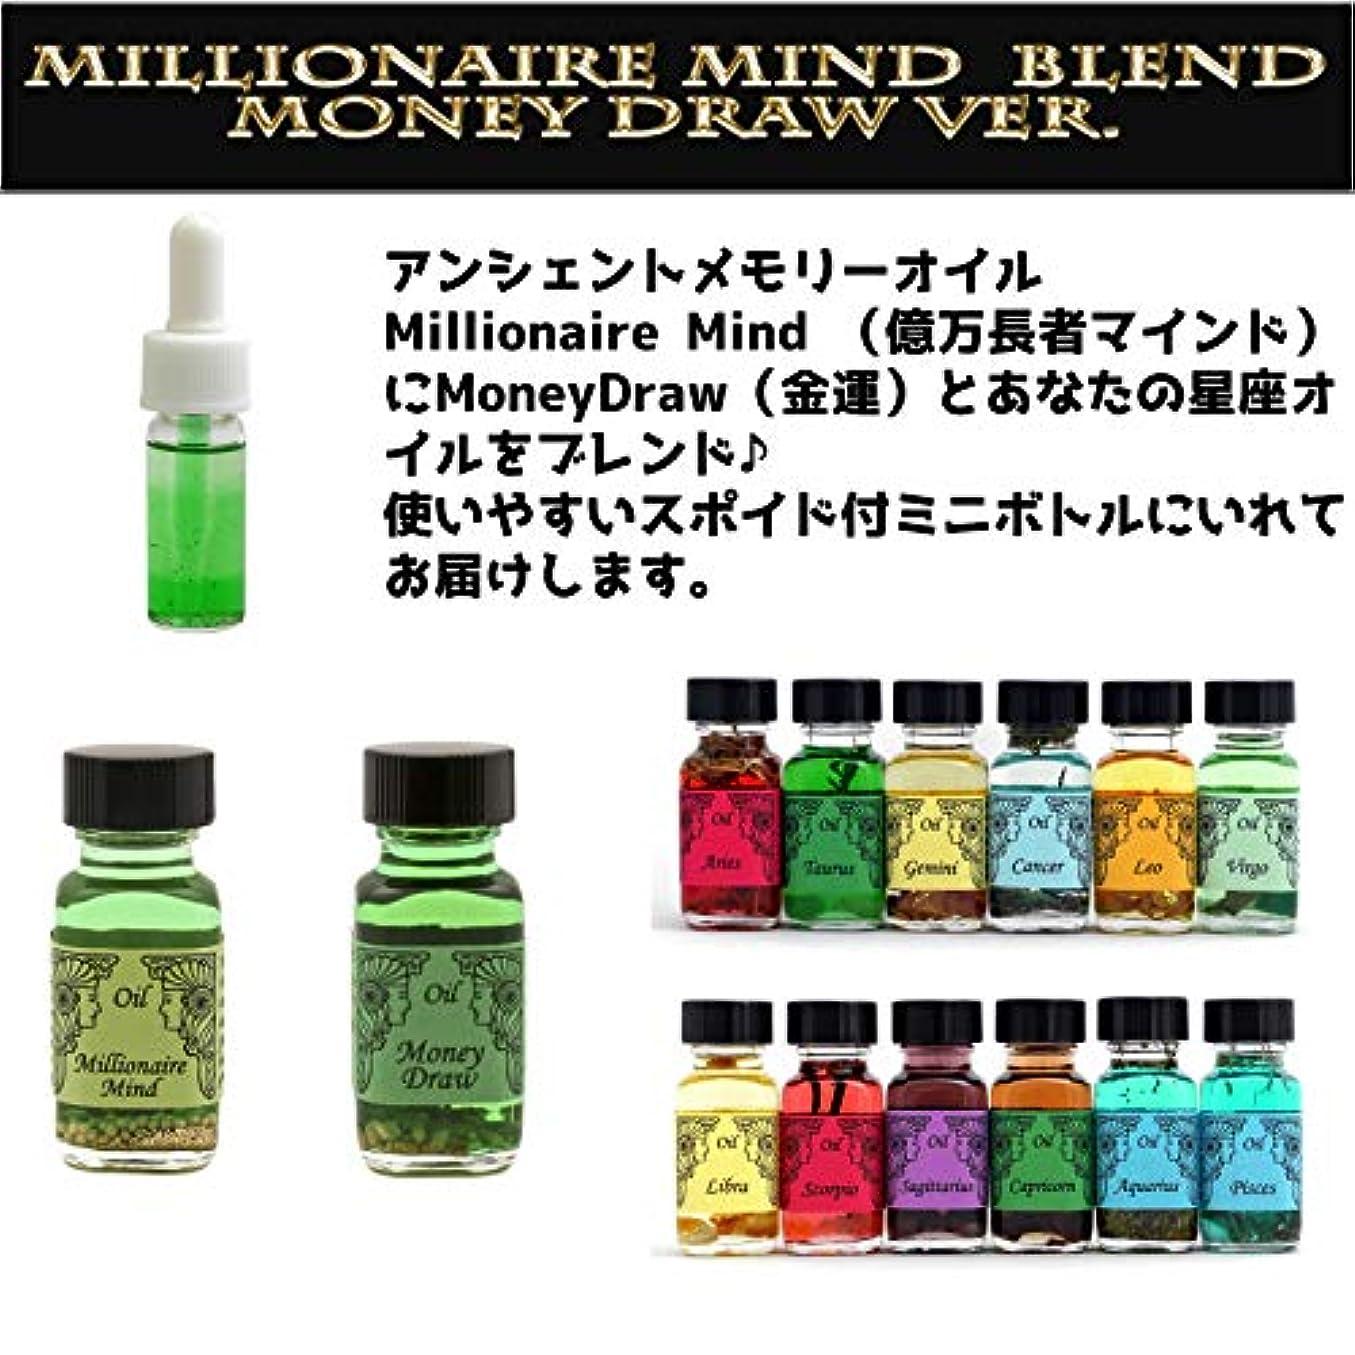 代数講義落胆したアンシェントメモリーオイル Millionaire Mind 億万長者マインド ブレンド(Money Drawマネードロー(金運)&さそり座